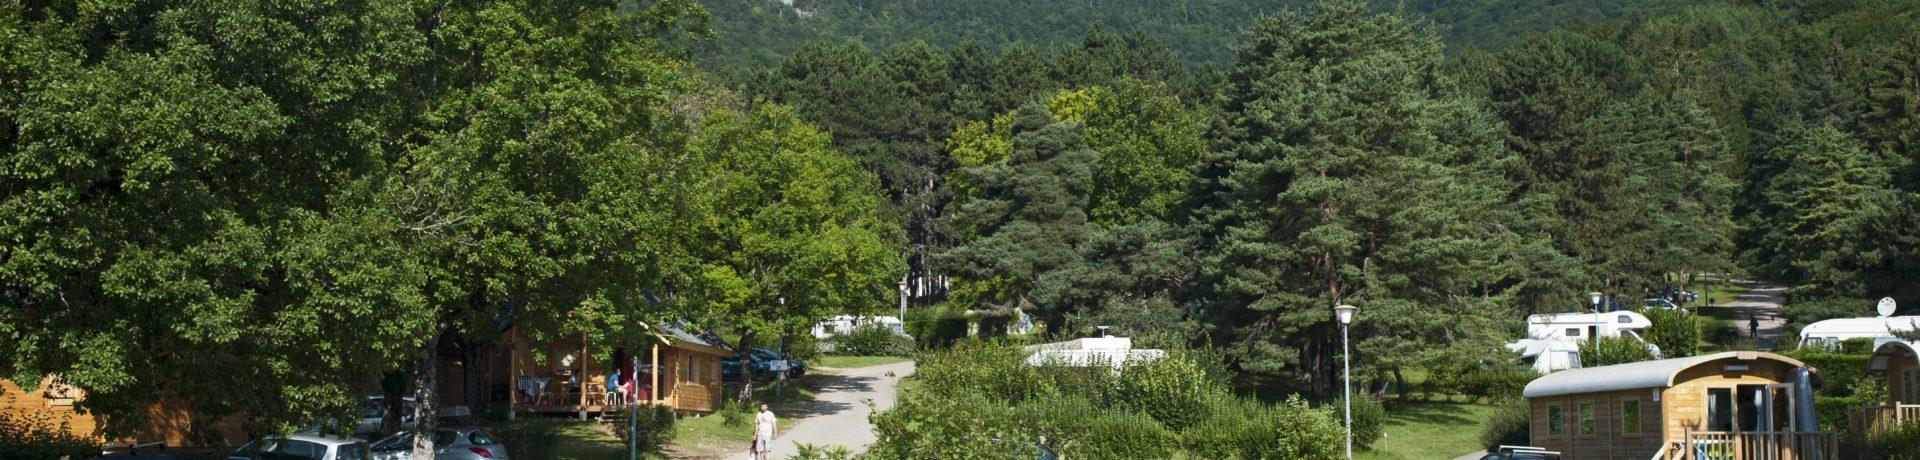 Camping Huttopia Divonne les Bains in Divonne-les-Bains is een natuurcamping in Auvergne-Rhône-Alpes gelegen in de bergen midden in de Ain.